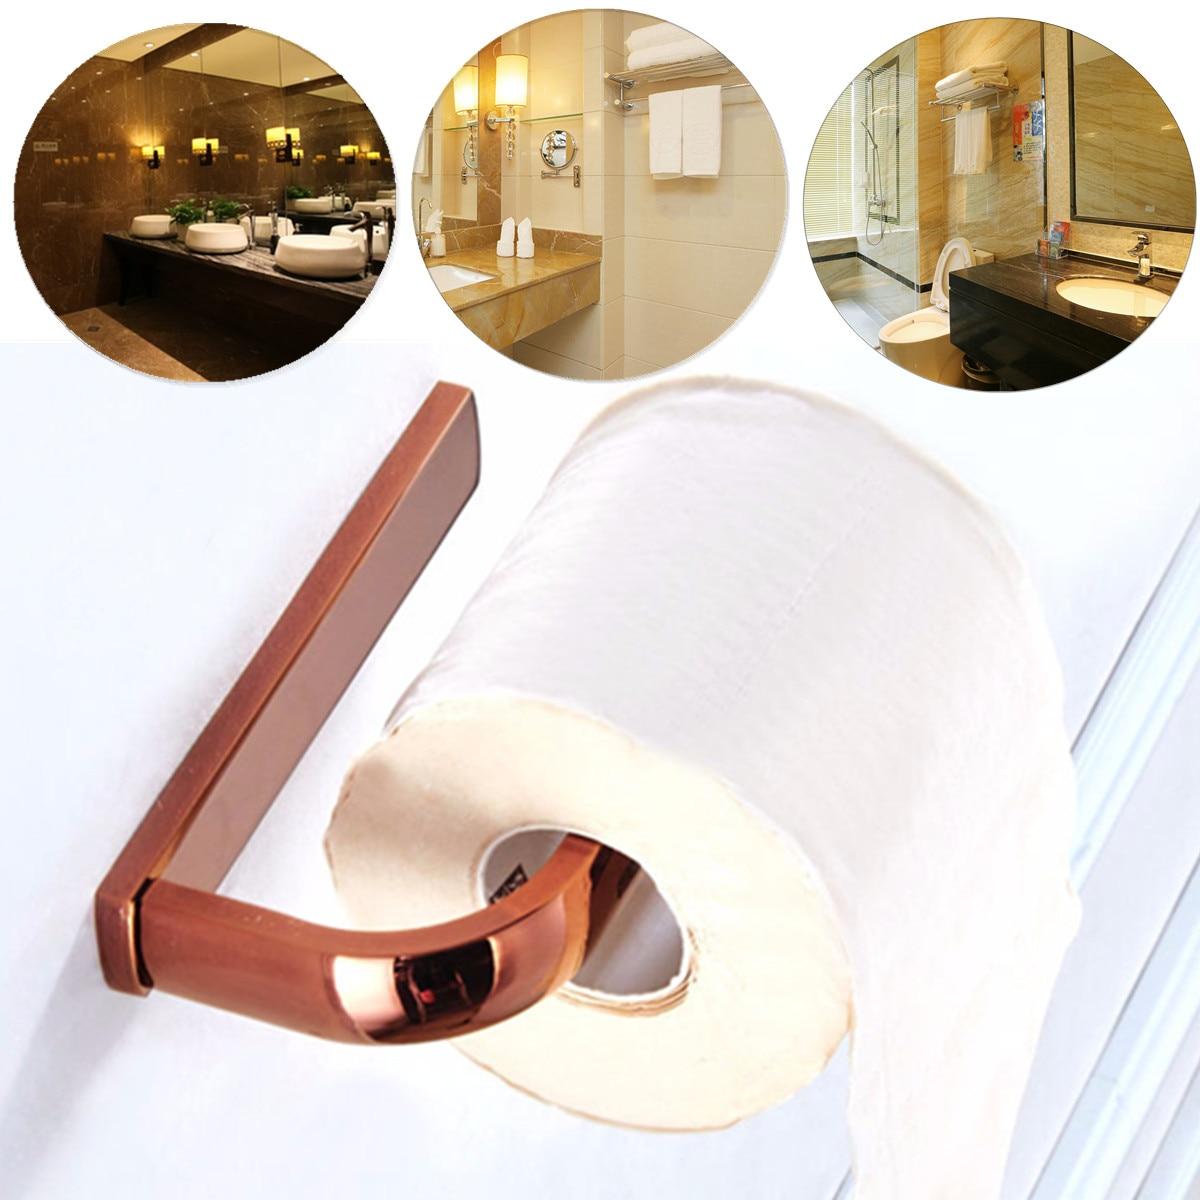 Antique Luxury Rose Gold Polished Brass Bathroom Paper Holder Towel Rack Toilet Paper Holder Modern Wall Mount Roll Holder